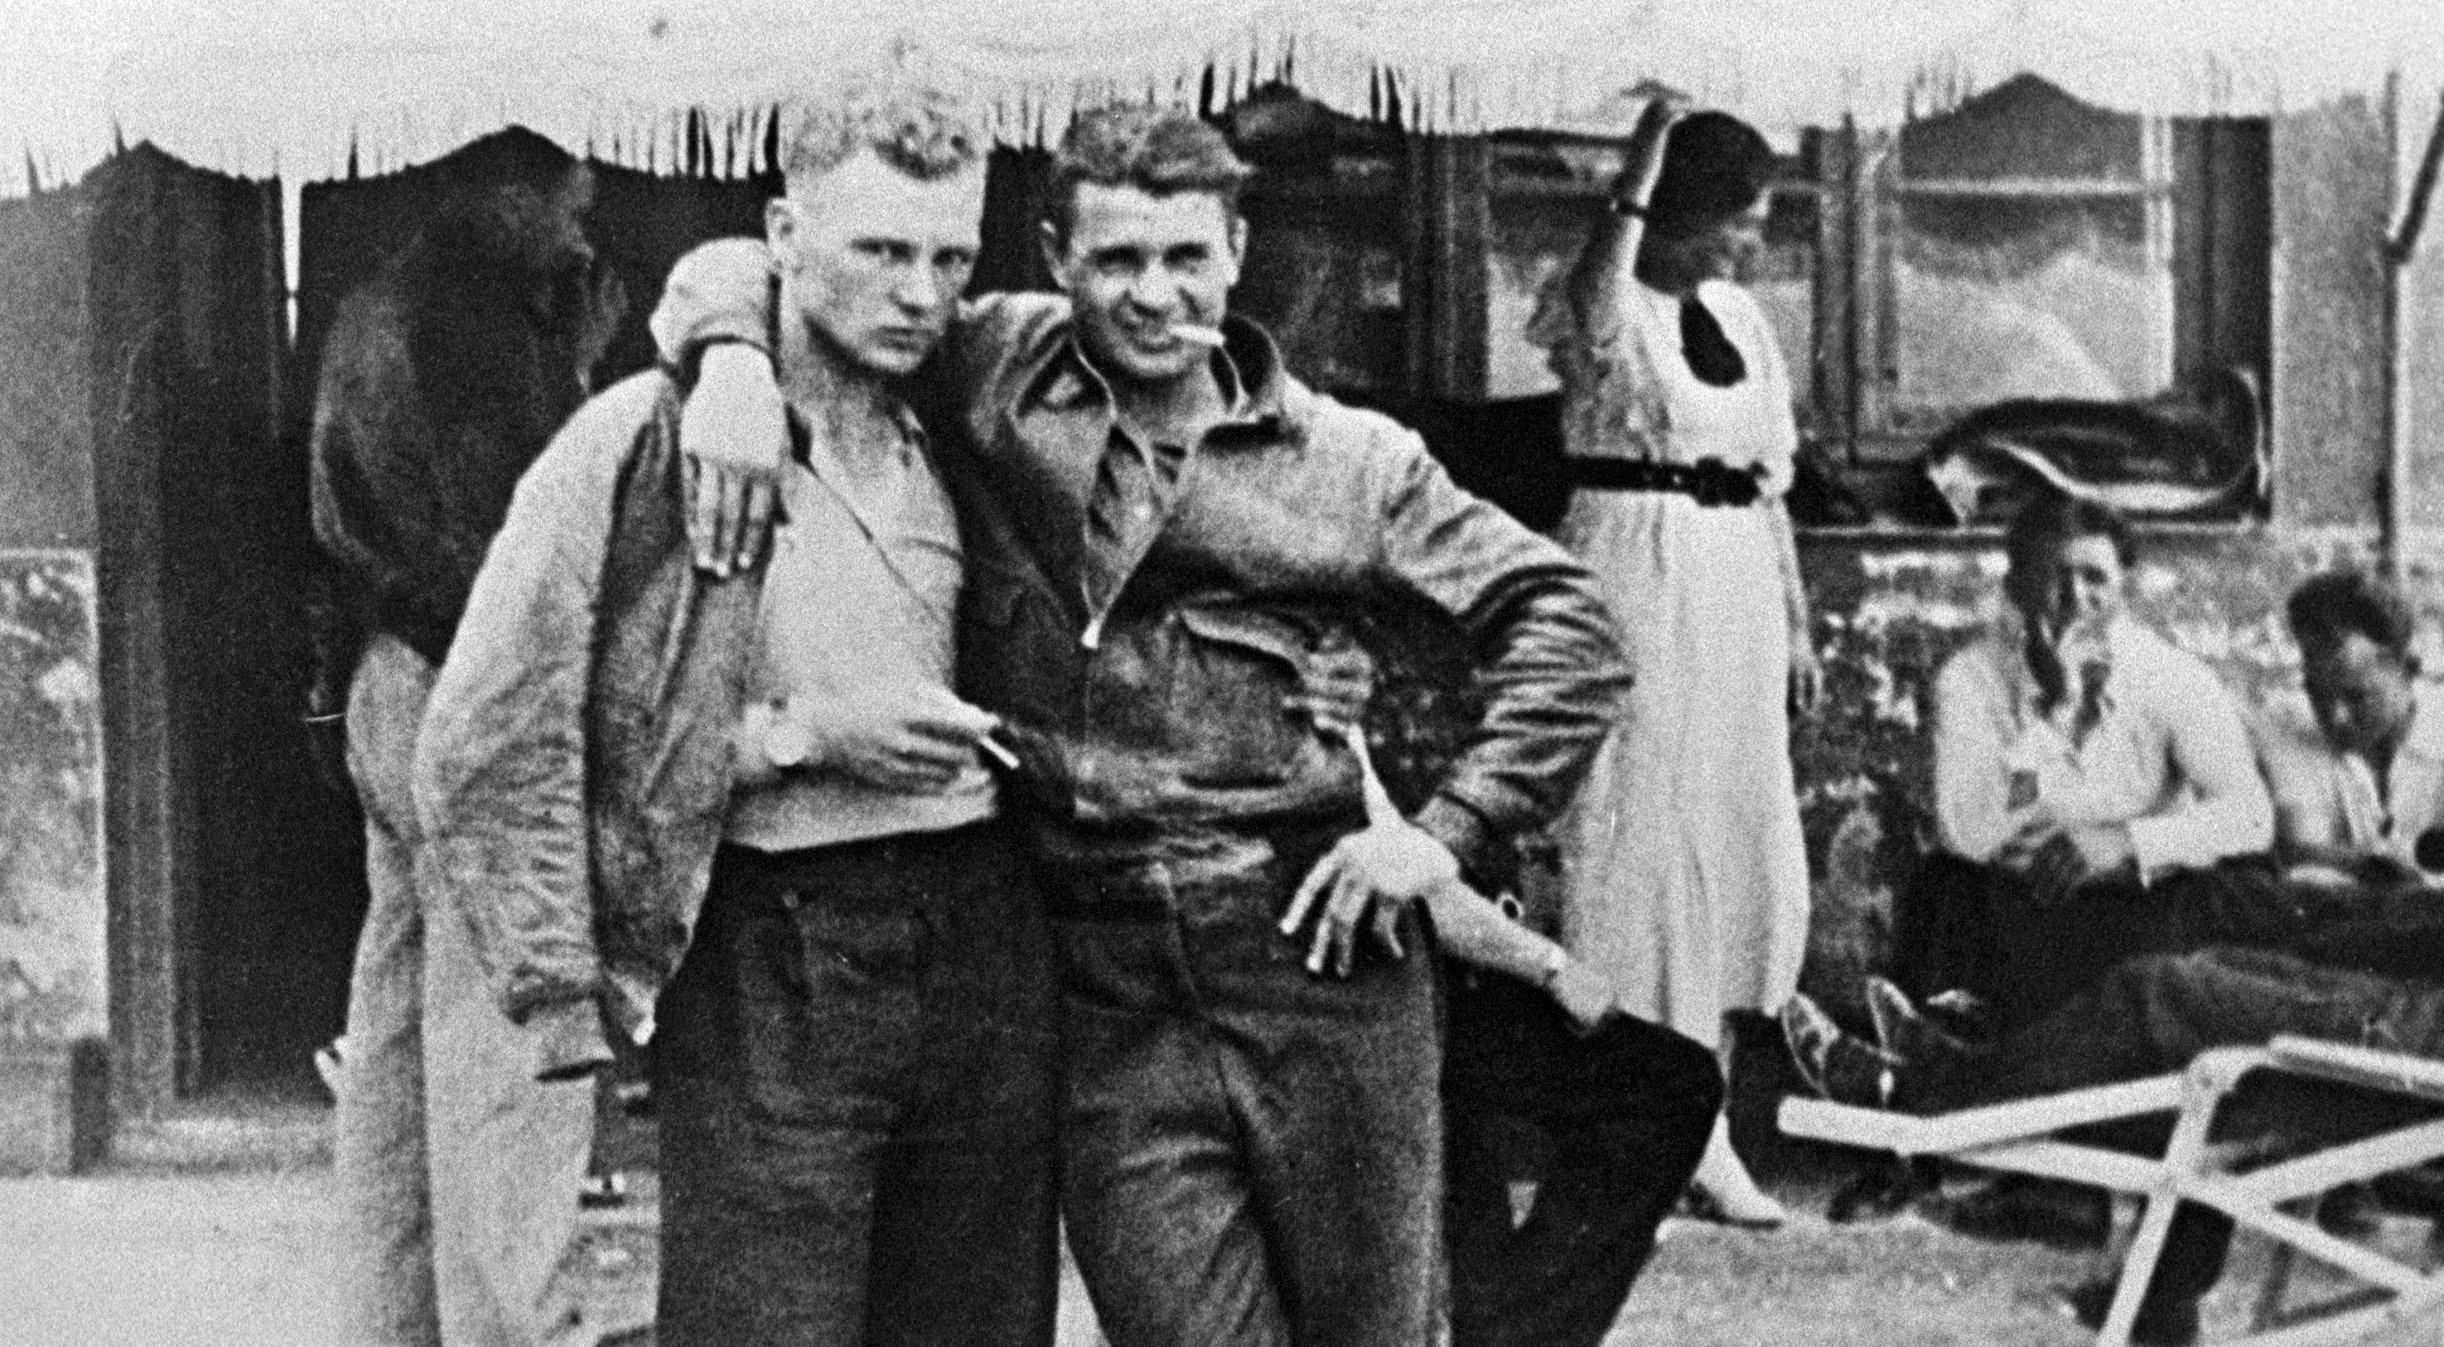 Voluntarios de las brigadas internacionales durante la guerra civil española